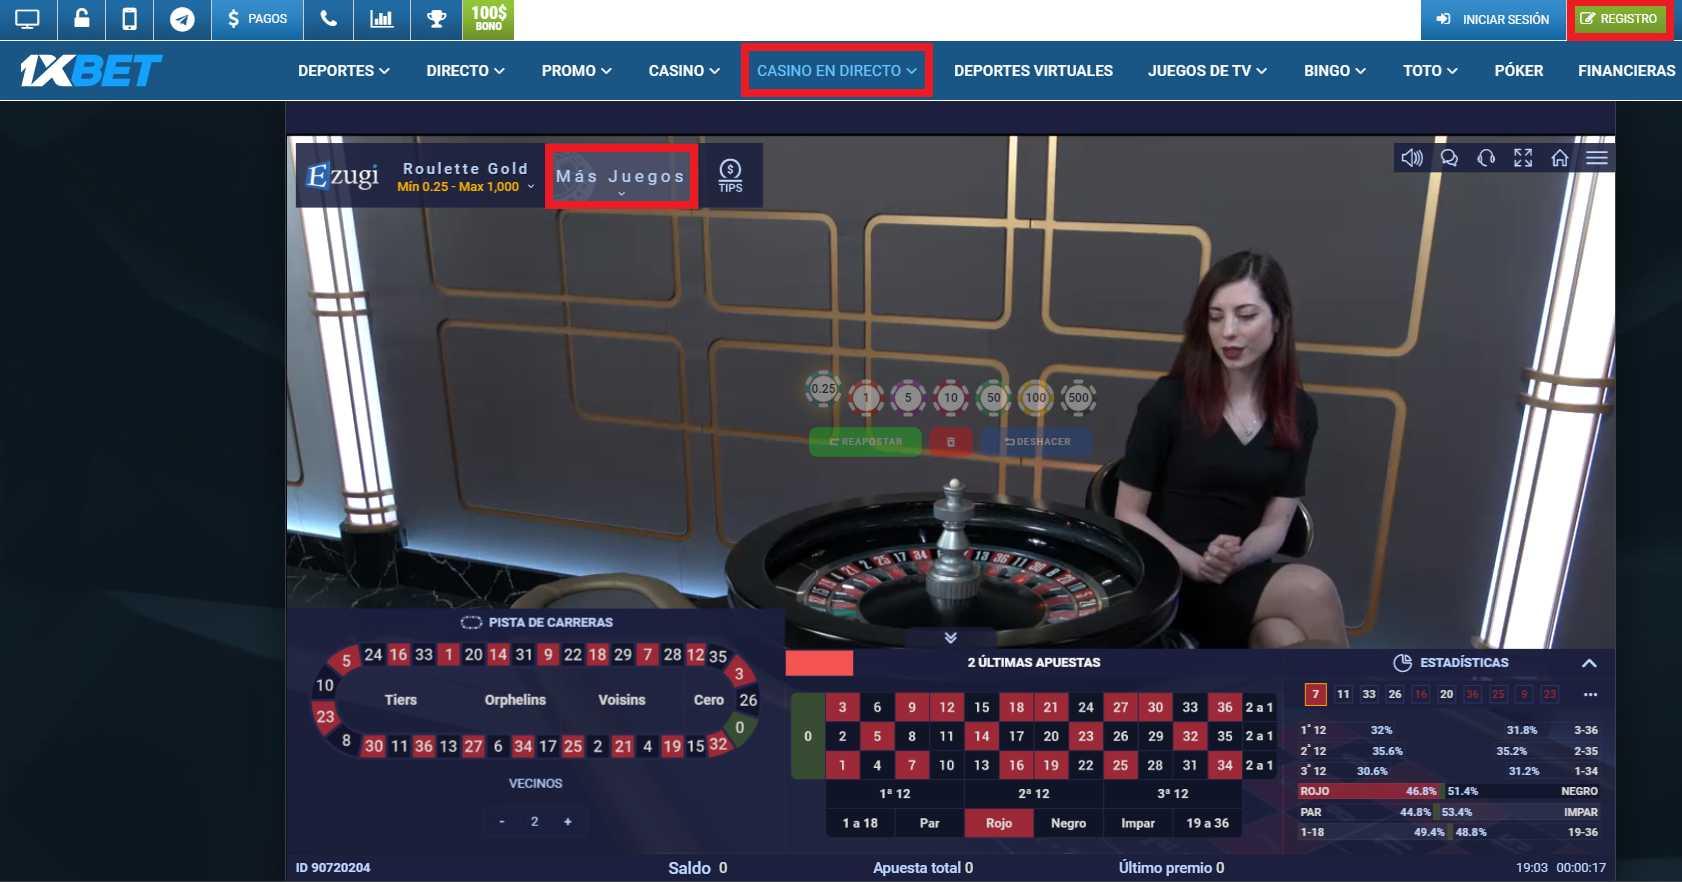 Los distintos tipos de apuestas en el 1xBet live Streaming